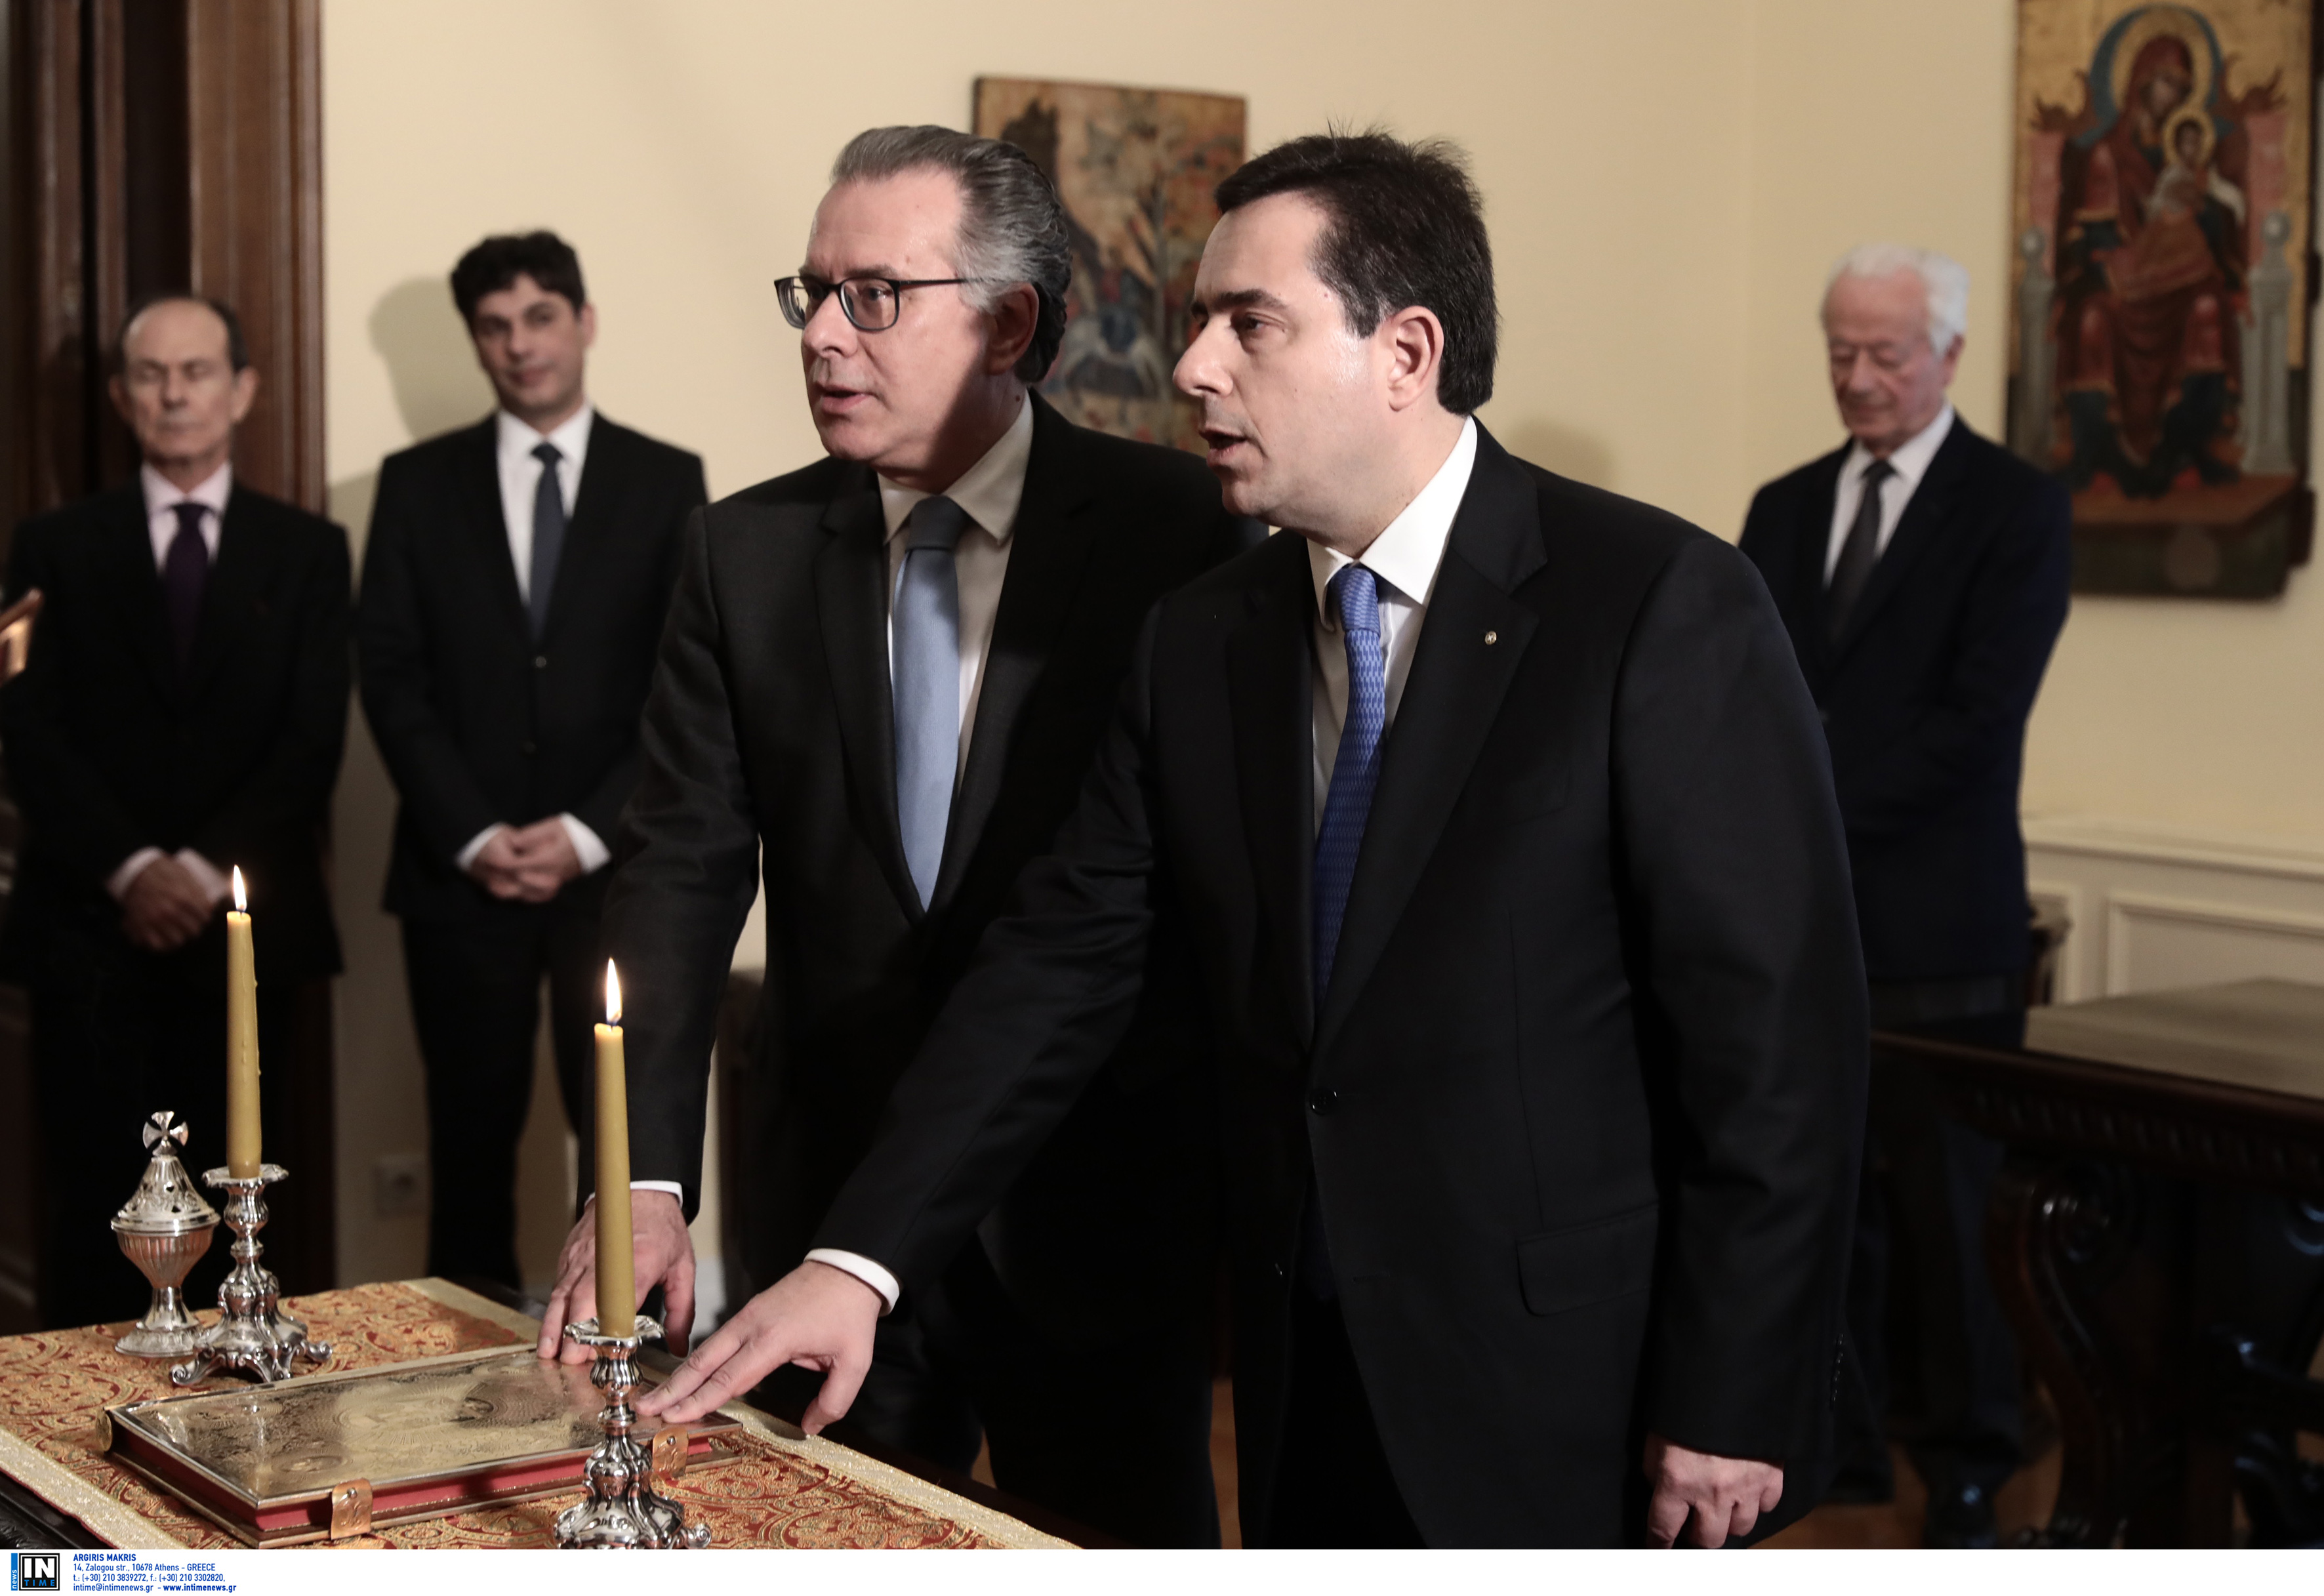 Ορκίστηκαν οι δυο νέοι υπουργοί Μετανάστευσης και Ασύλου Νότης Μηταράκης και Γιώργος Κουμουτσάκος